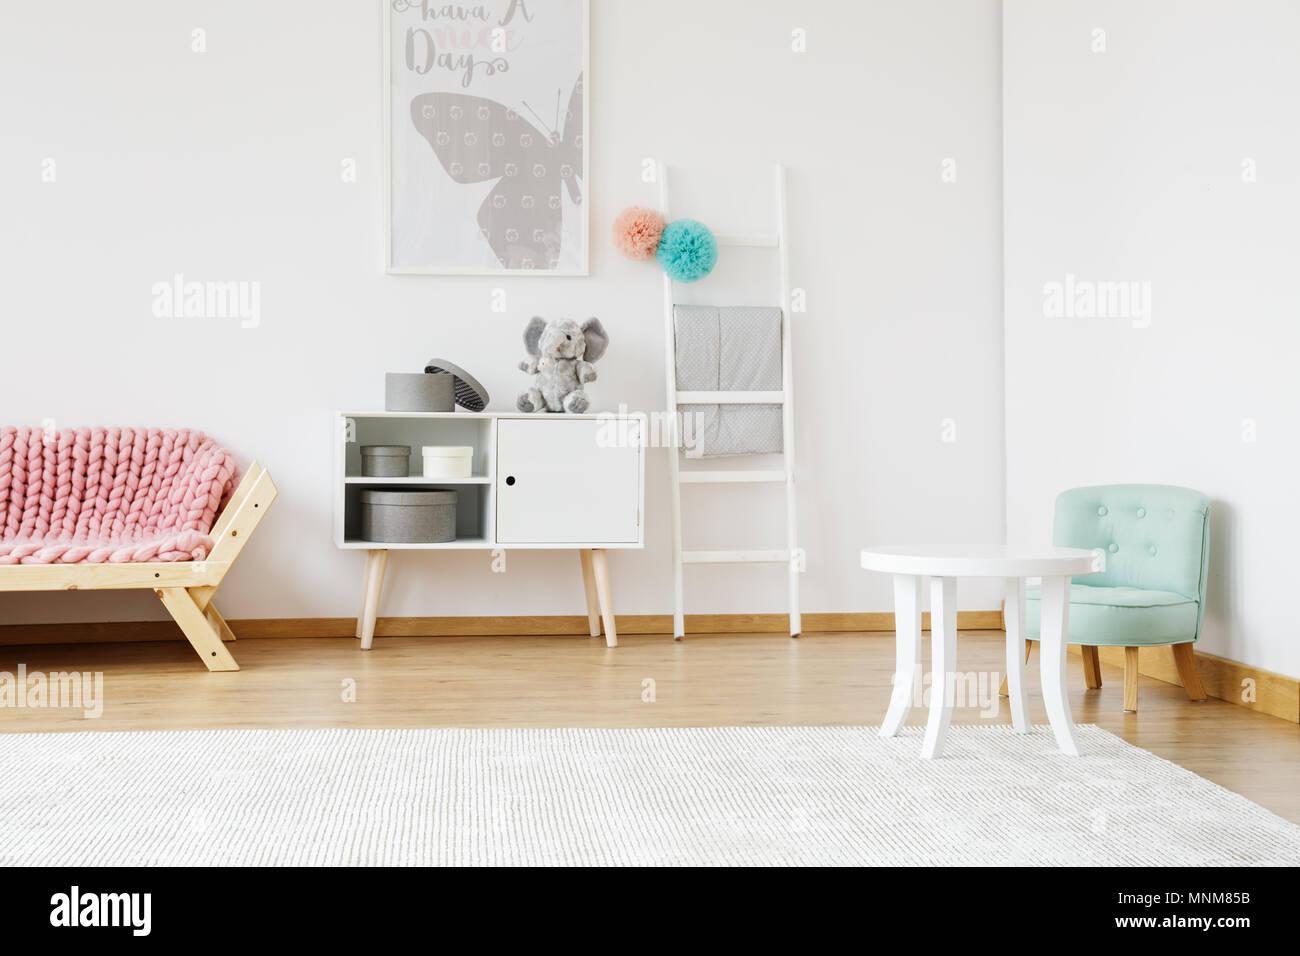 Holz- rosa Couch und kleine mint Stuhl im Kinderzimmer mit ...